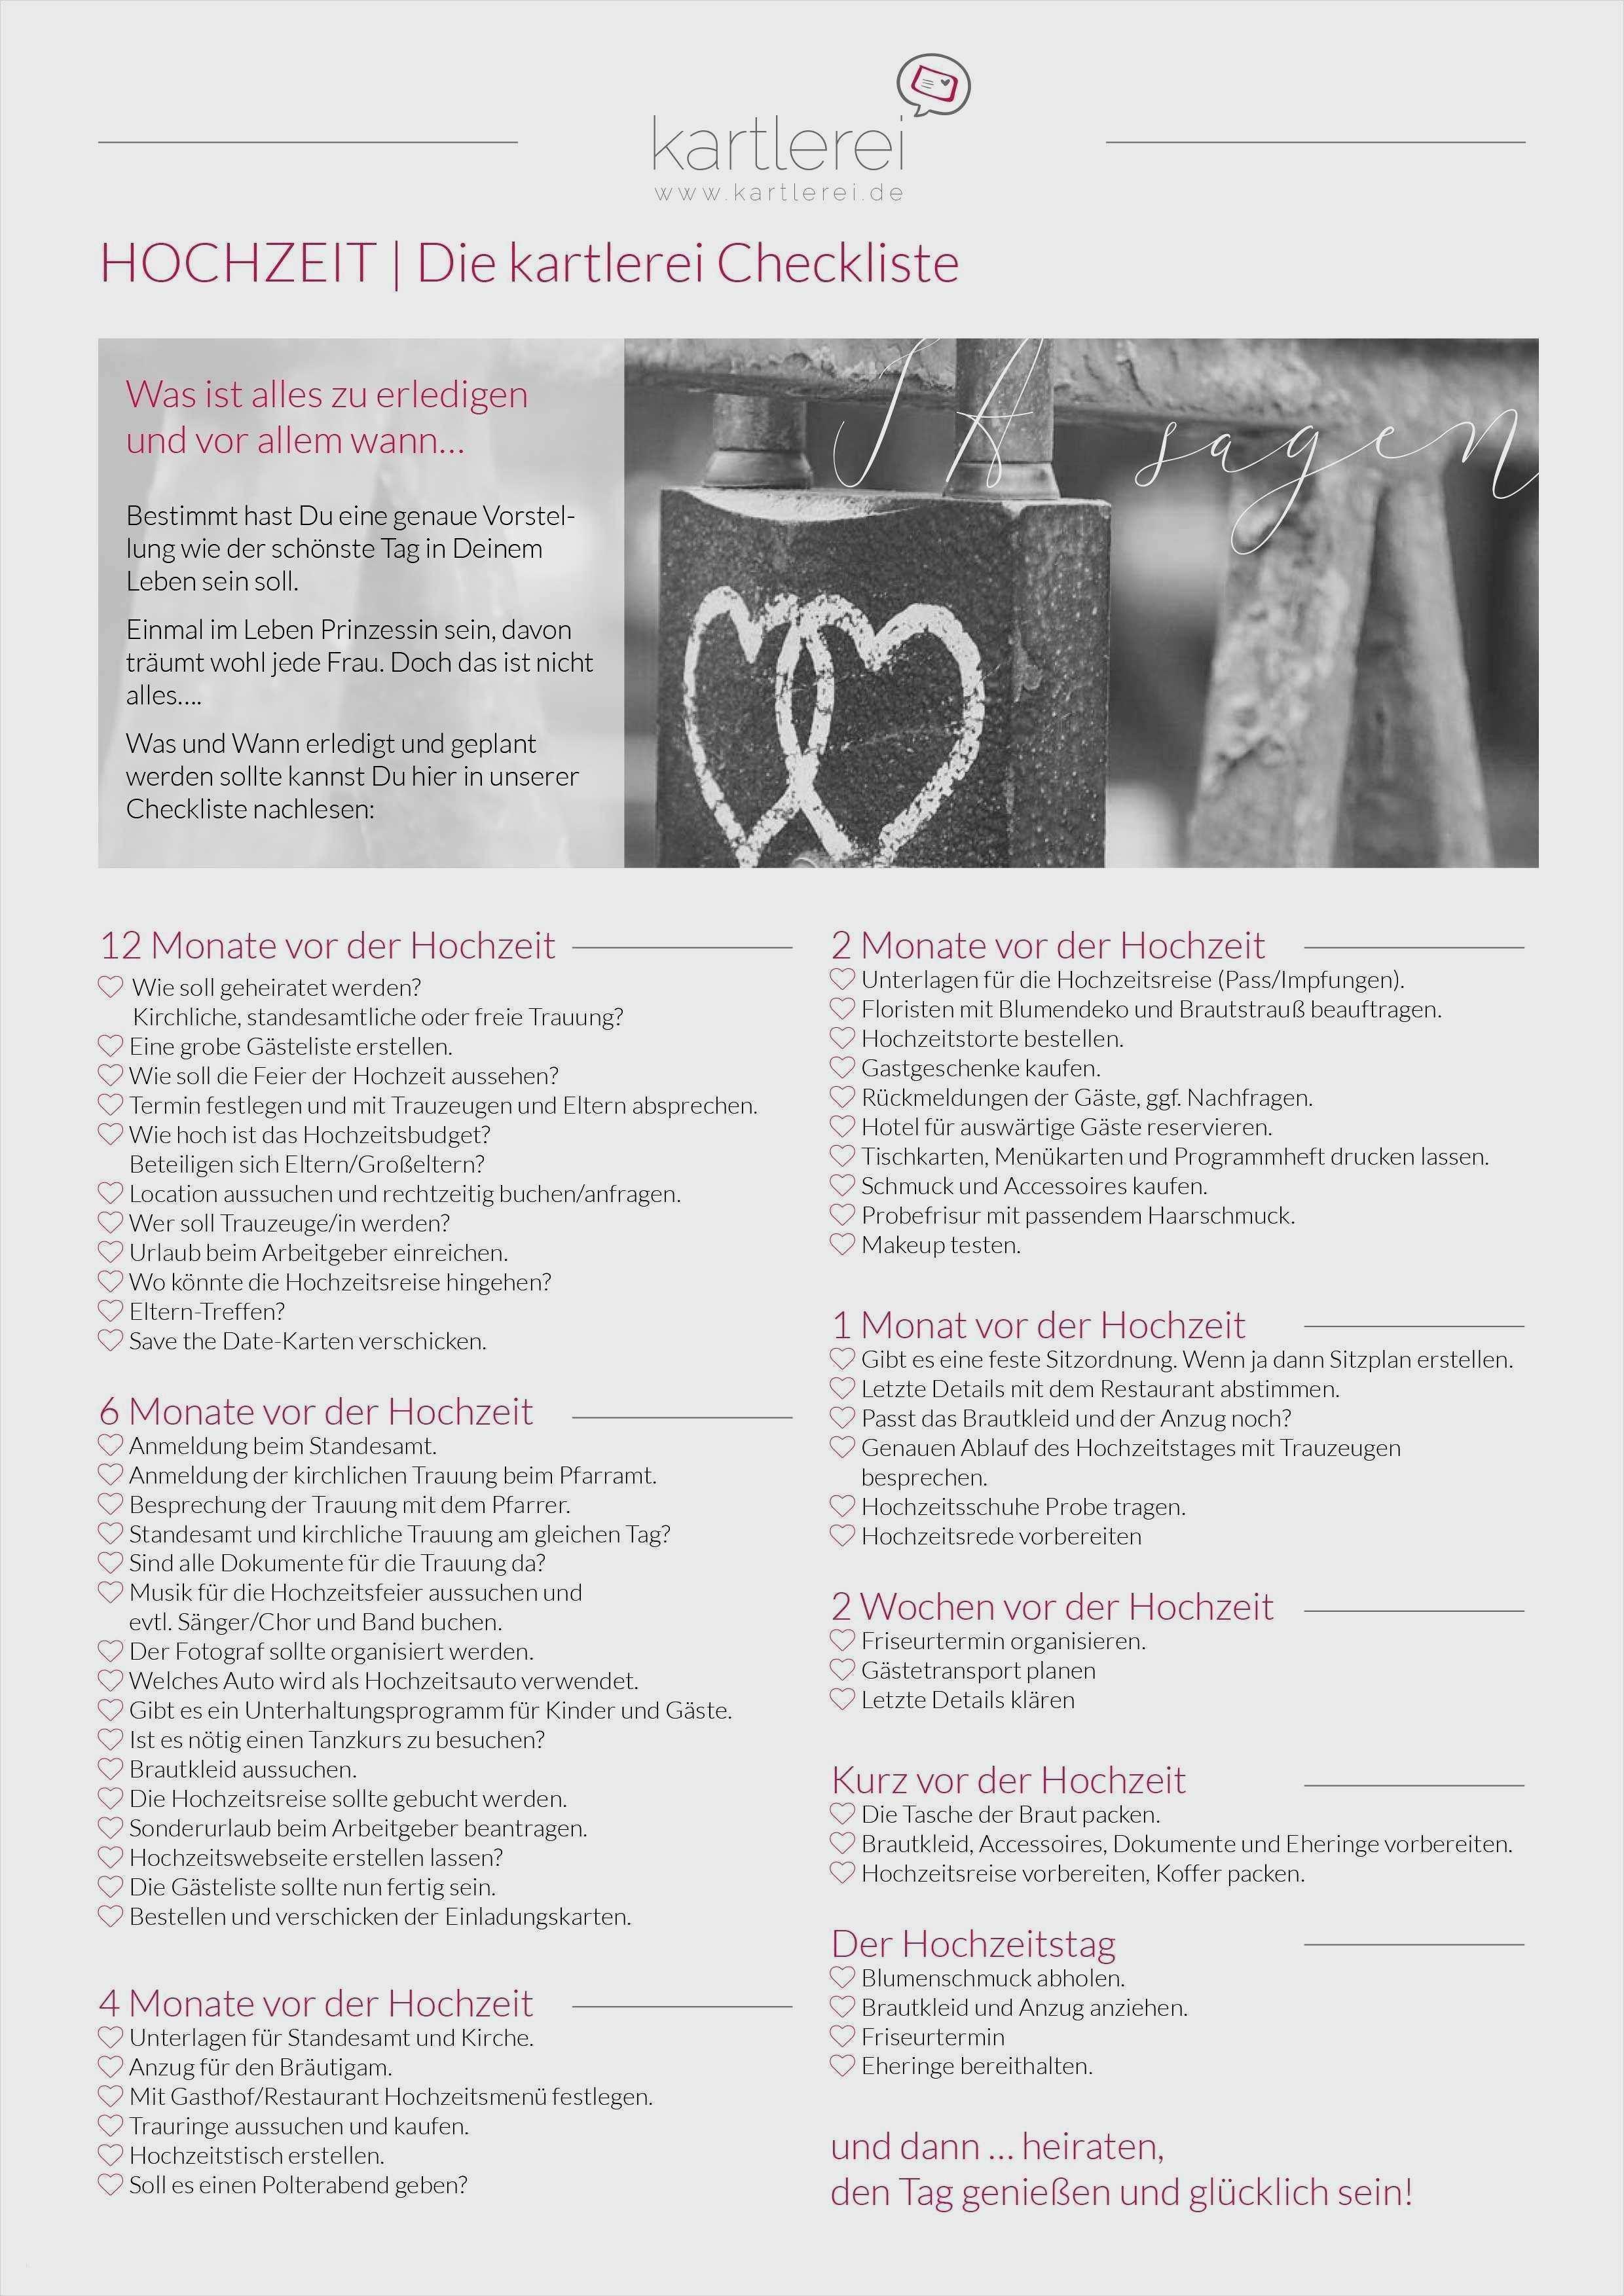 Sitzordnung Hochzeit Vorlage 22 Erstaunlich Ebendiese Konnen Anpassen Fur Ihre Erstaunlichen In 2020 Hochzeit Auto Hochzeitsauto Hochzeit Planen